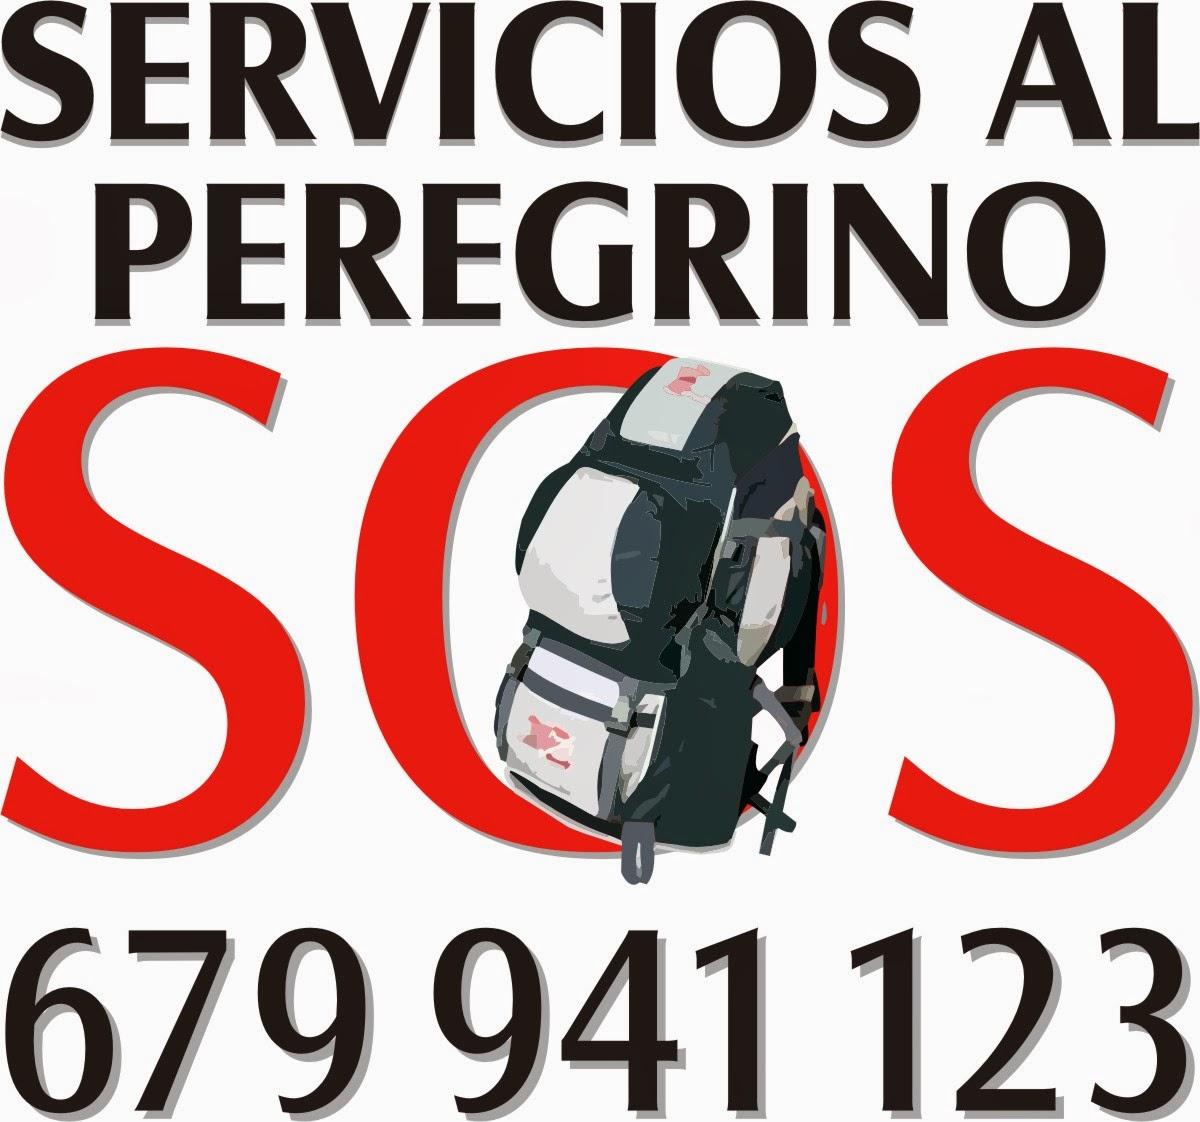 Servicios a los Peregrin@s